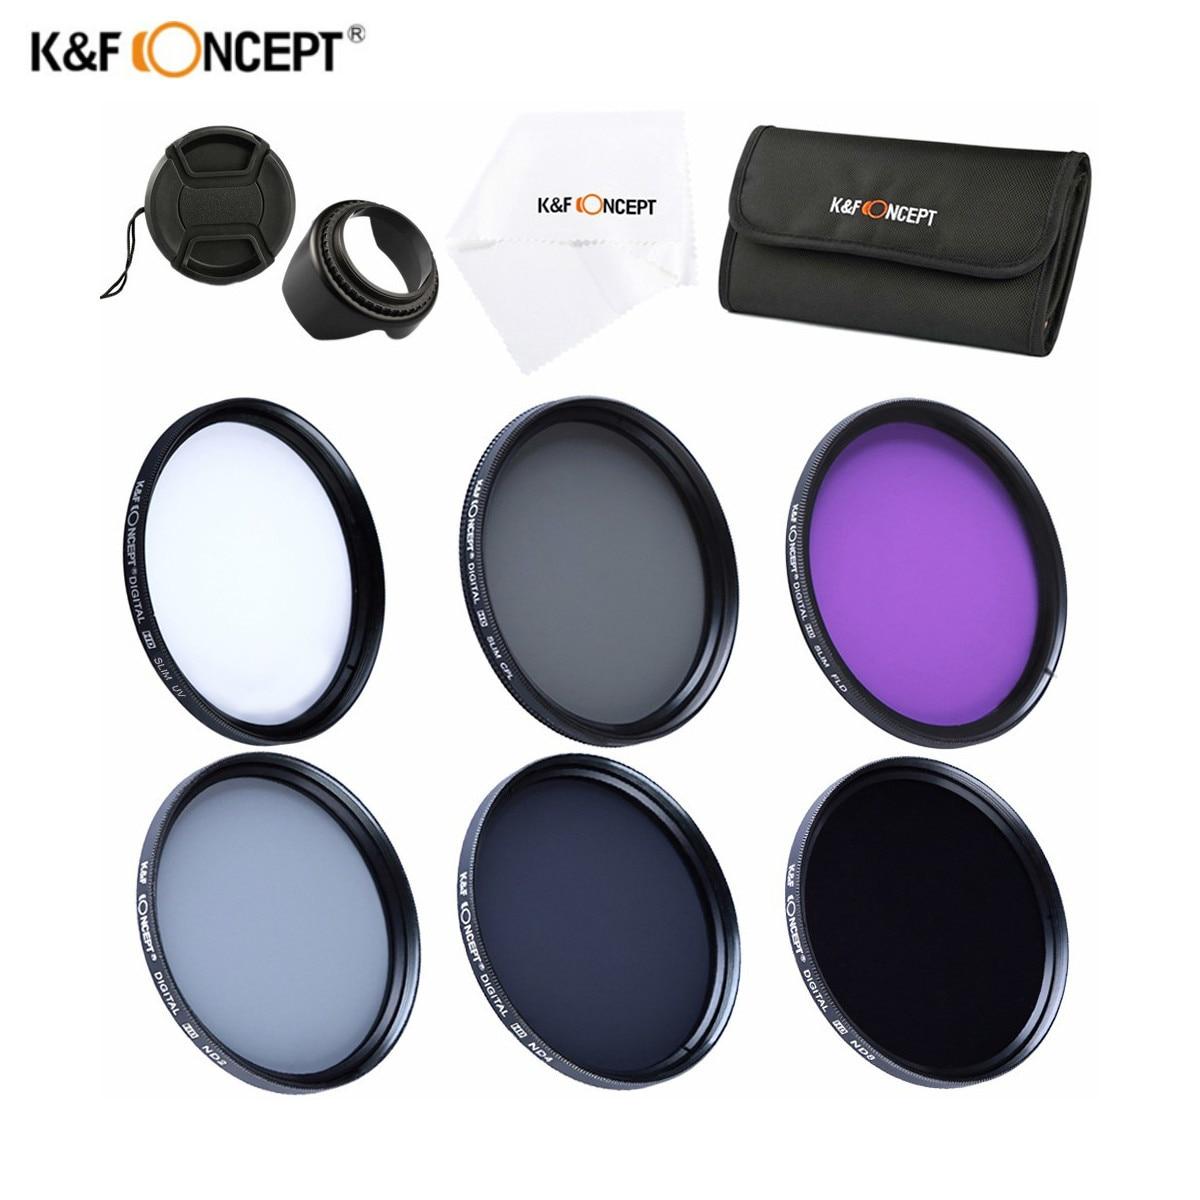 Kit de Filtros para Objetivo 49mm ND8 ND64 y 49mm Polarizado Circular K/&F Concept CPL con Funda